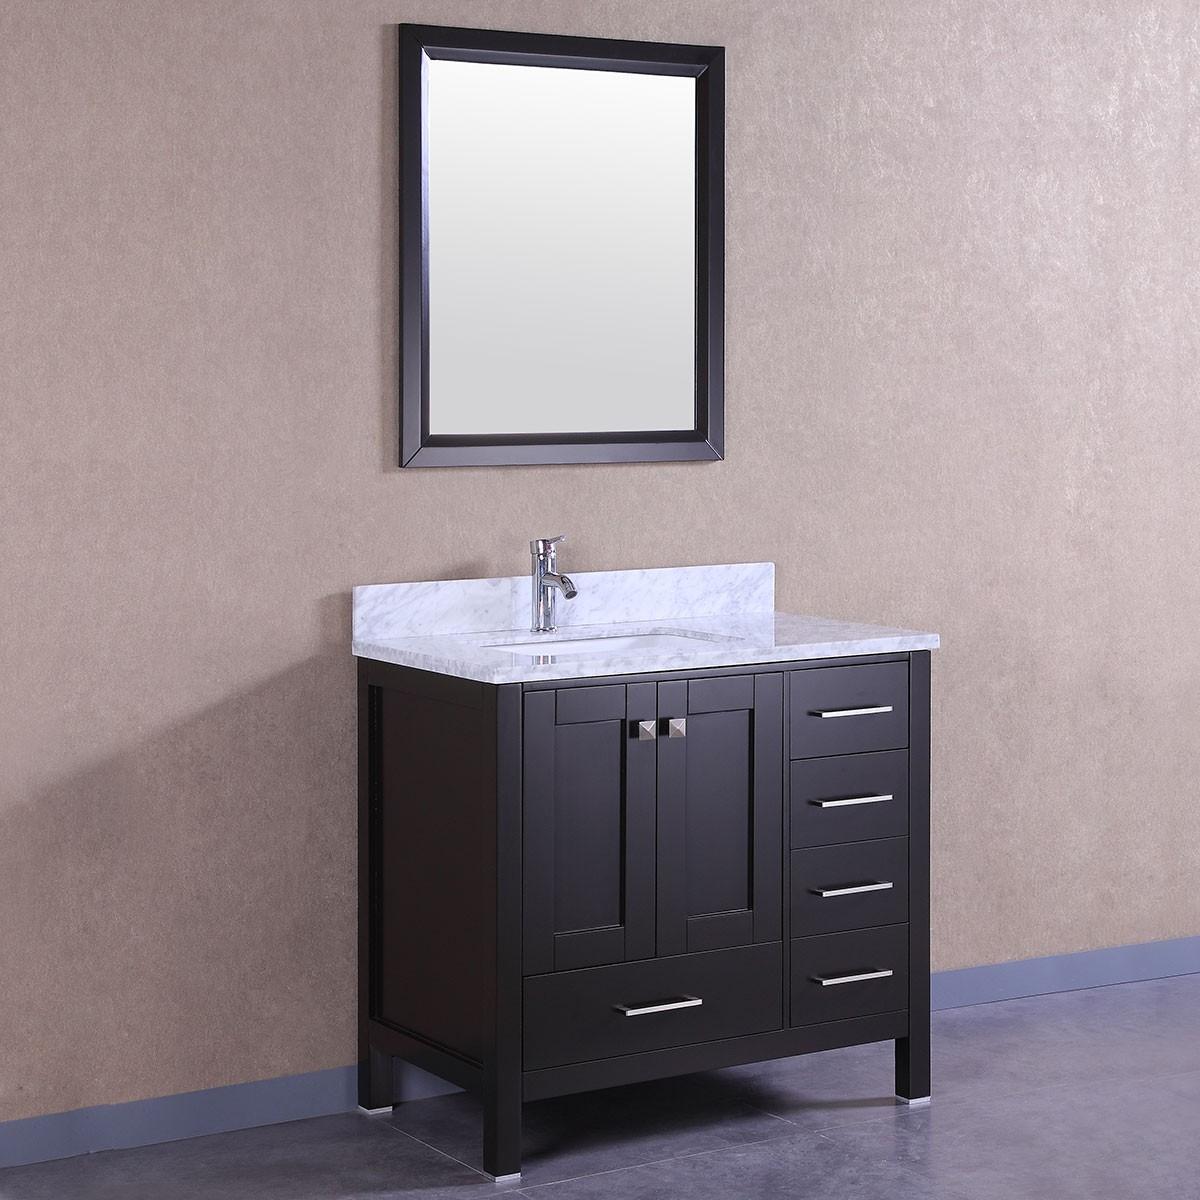 36 In. Bathroom Vanity Set (DK-T9199-36E-SET)